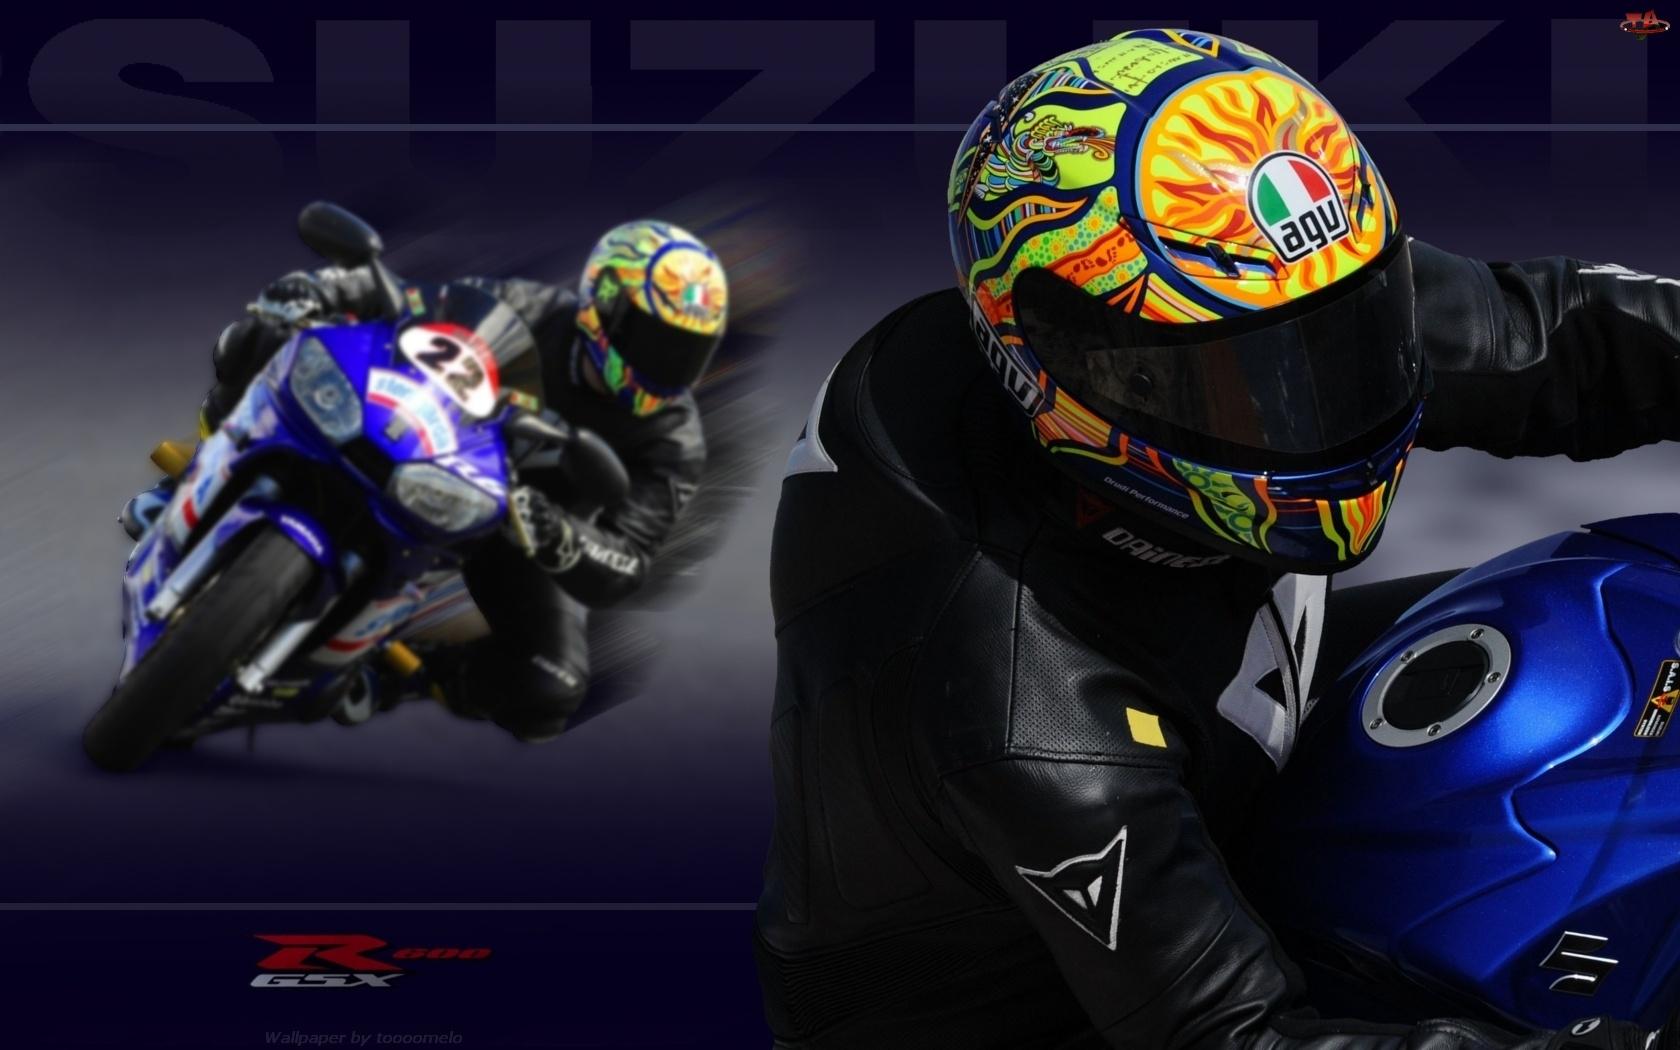 Motor, Suzuki GSX-R 600, Motocyklista